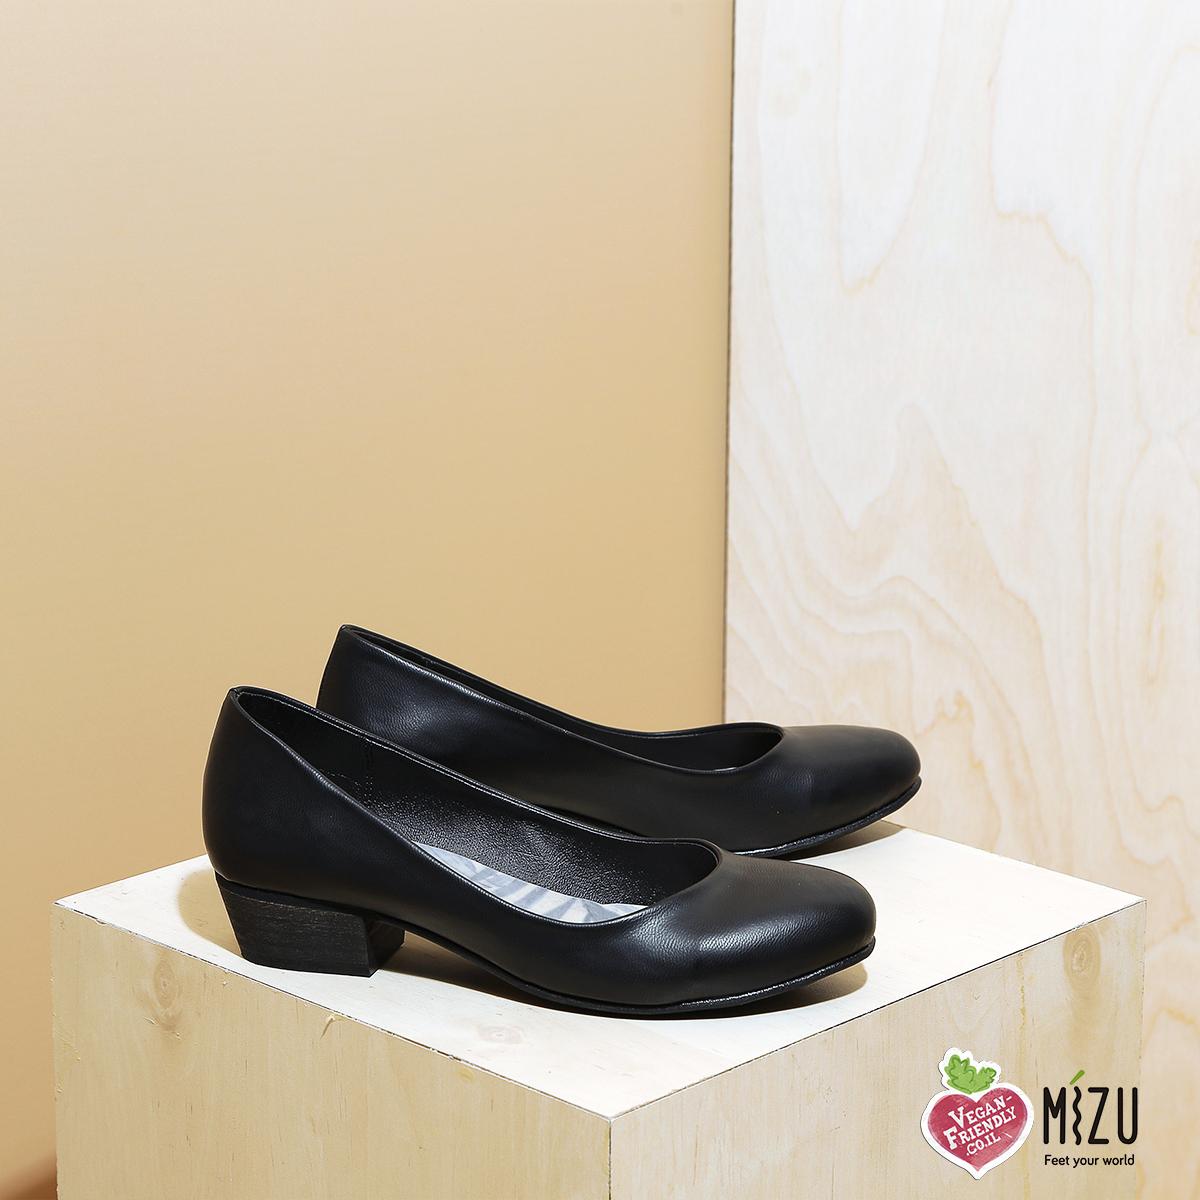 דגם ממפיס: נעלי סירה טבעוניות בצבע שחור